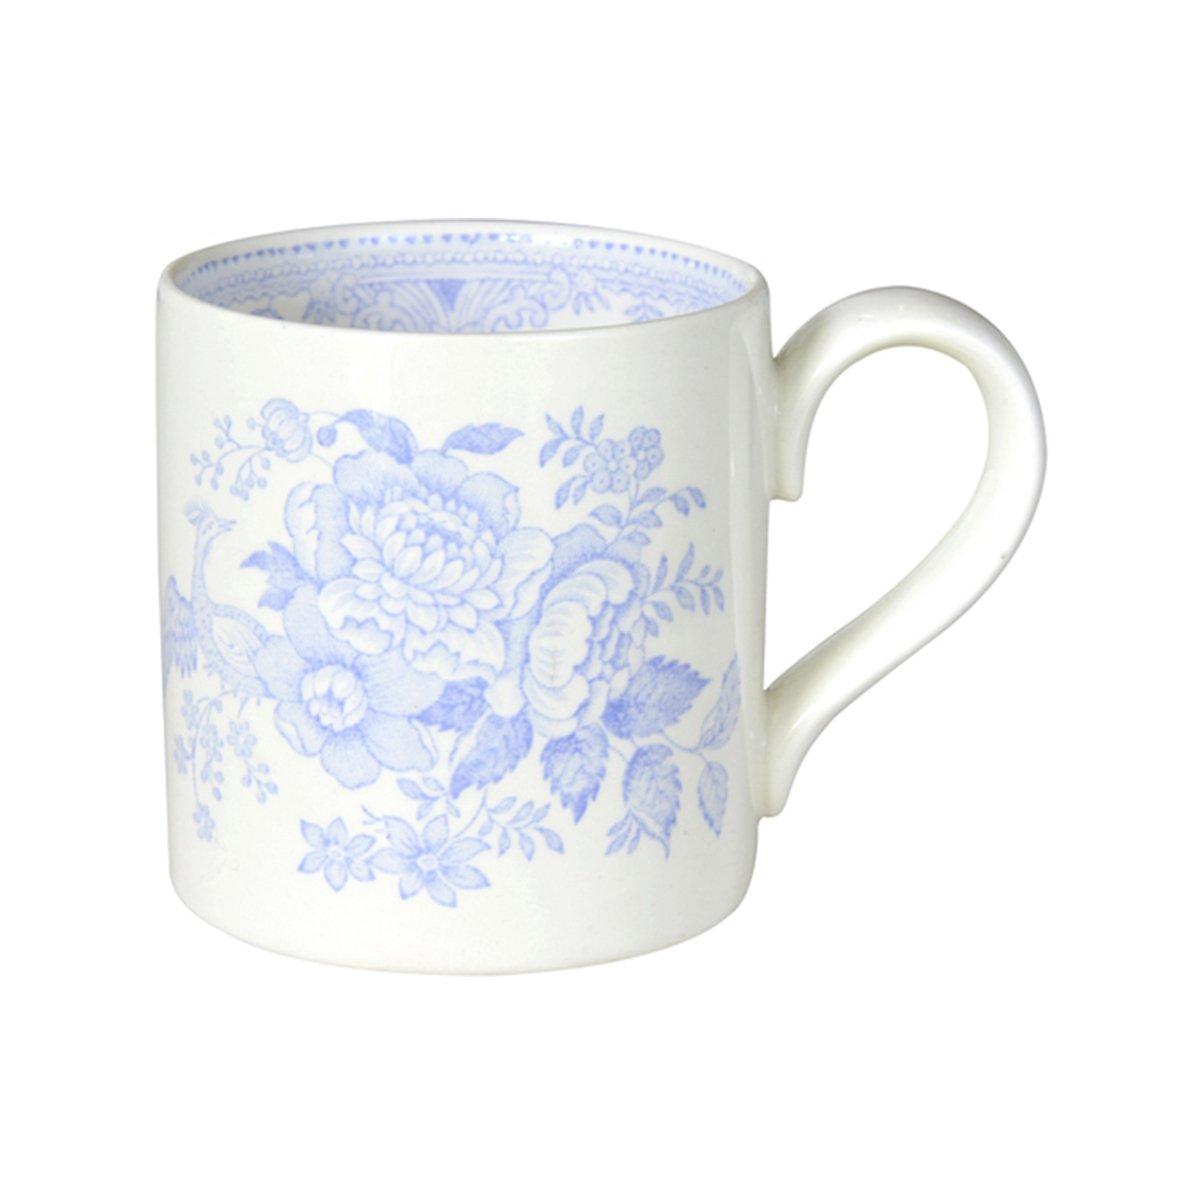 Burleigh(バーレイ) マグカップ 284ml <Blue Asiatic Pheasants>ブルーアジアテックフェザンツ 詳細画像1